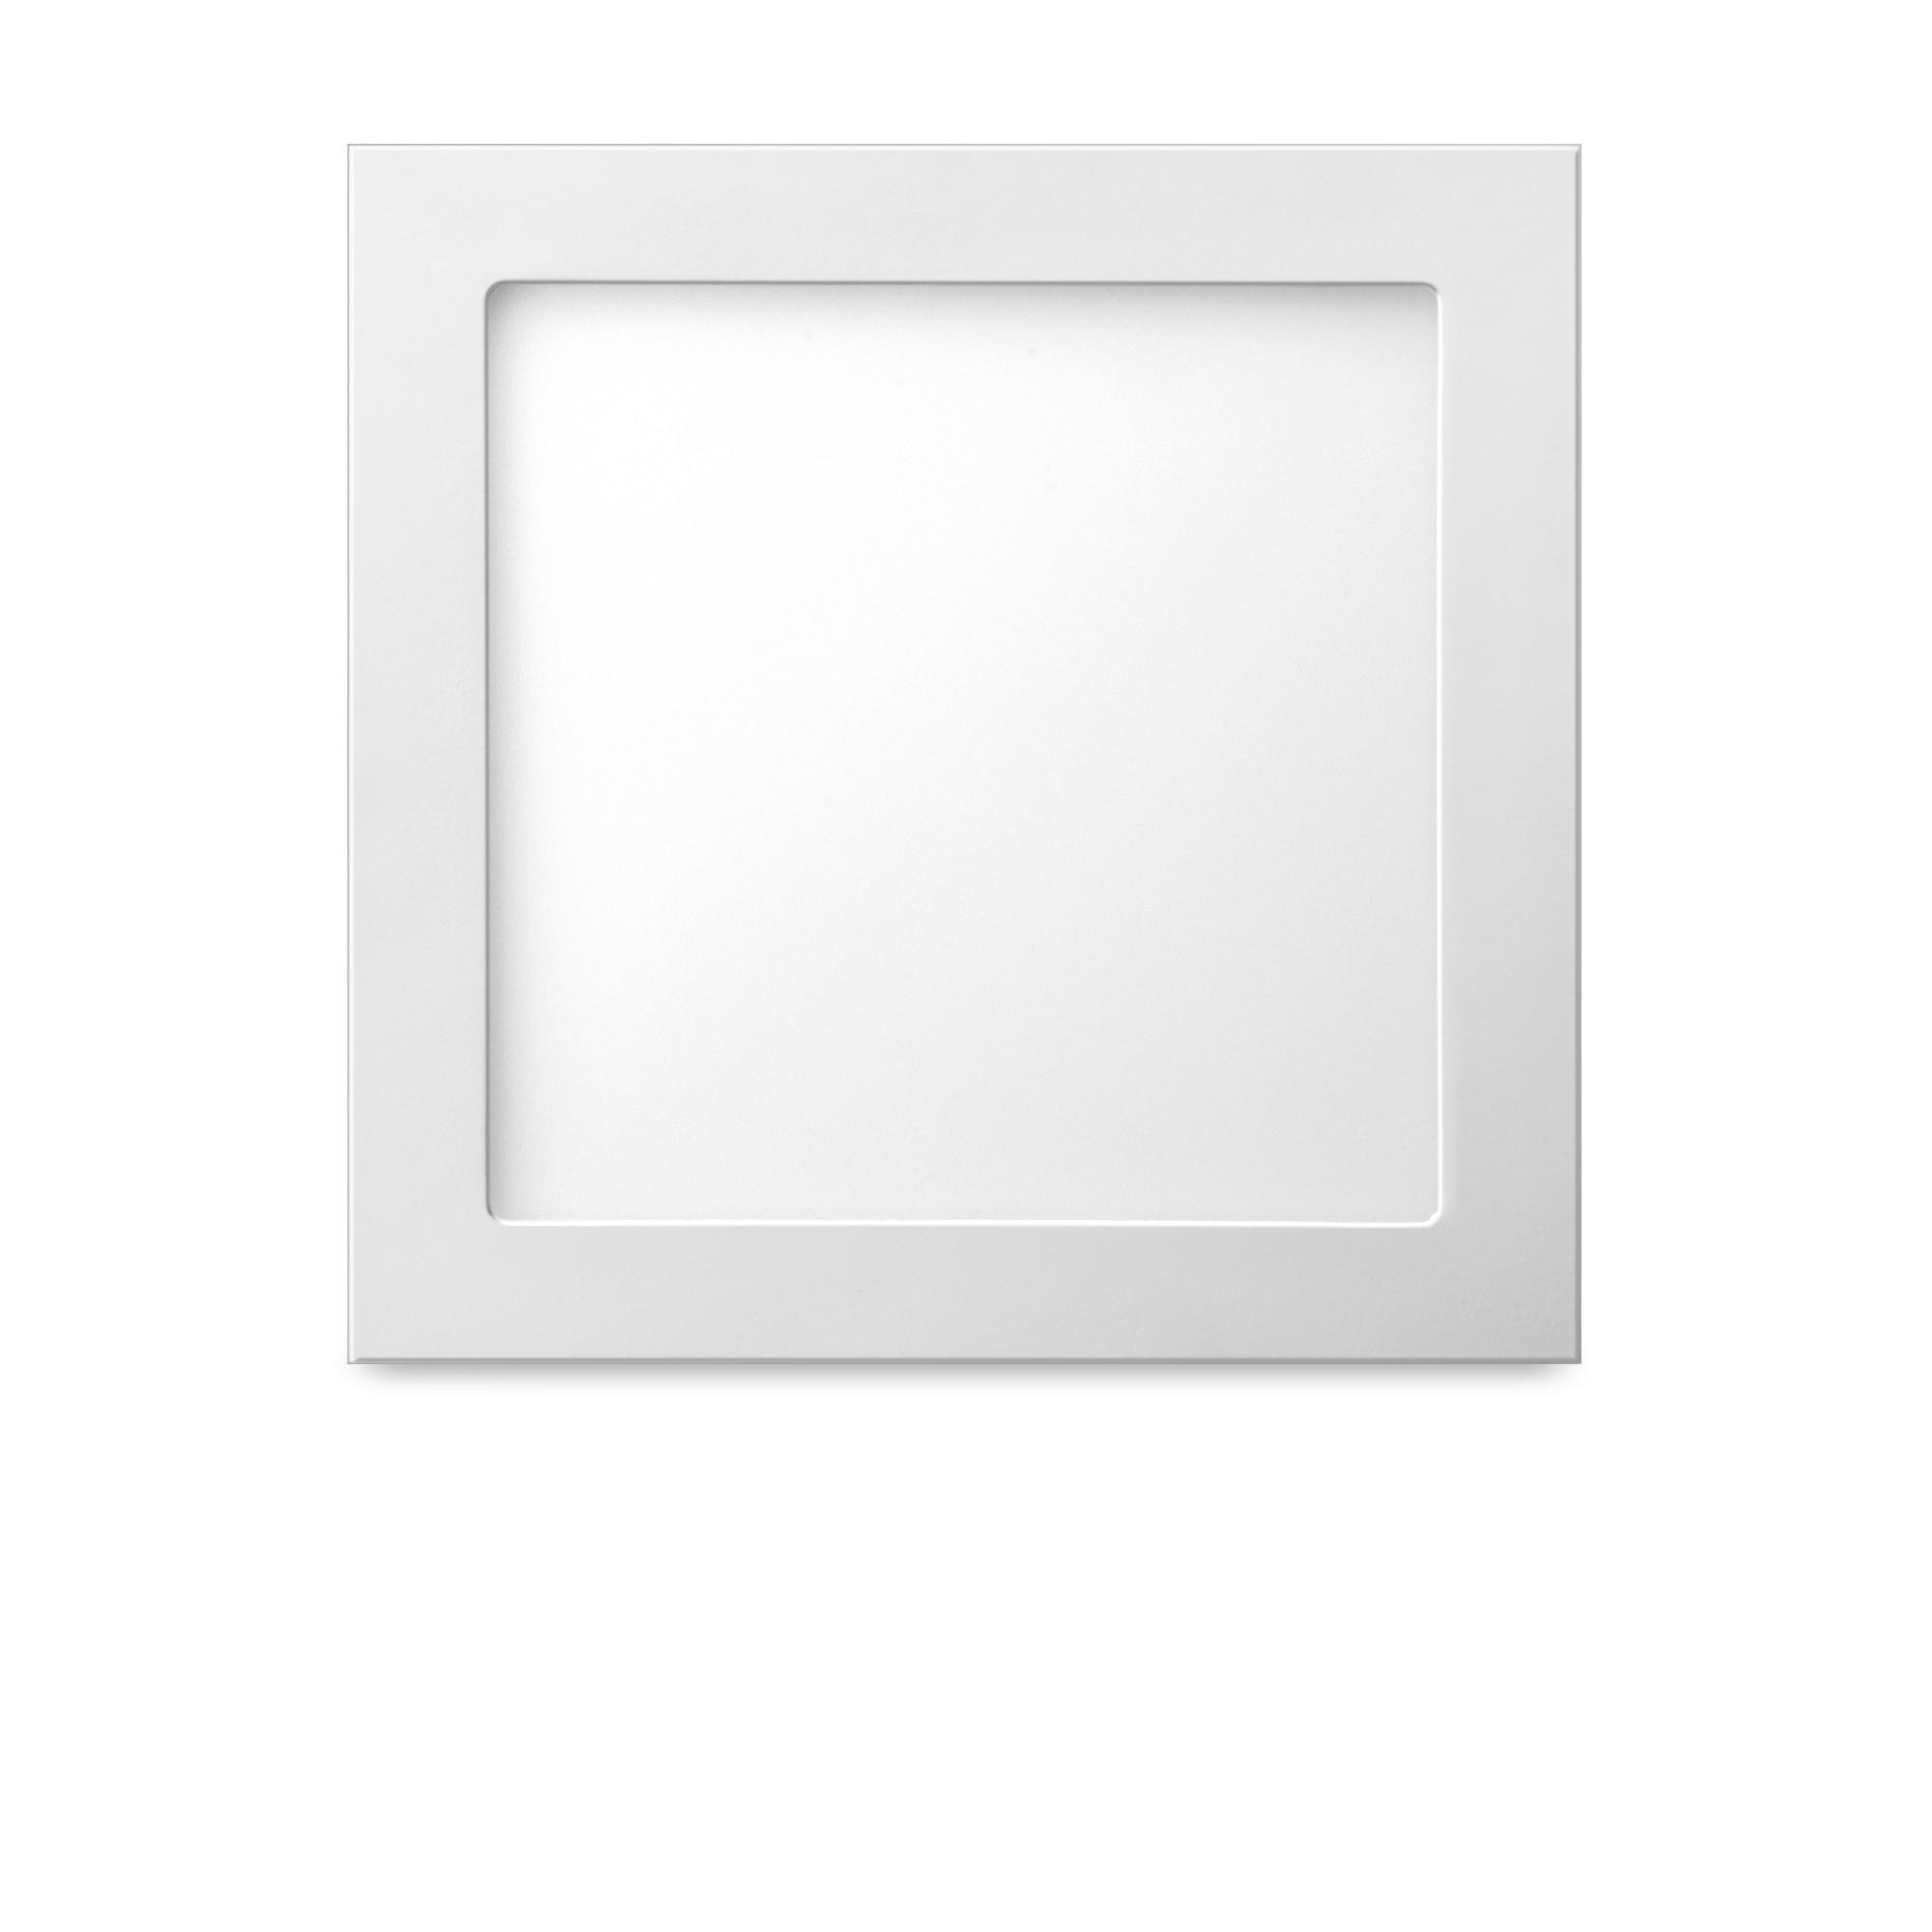 Painel LED Embutir 12W Quadrado Luz Branca - Elgin